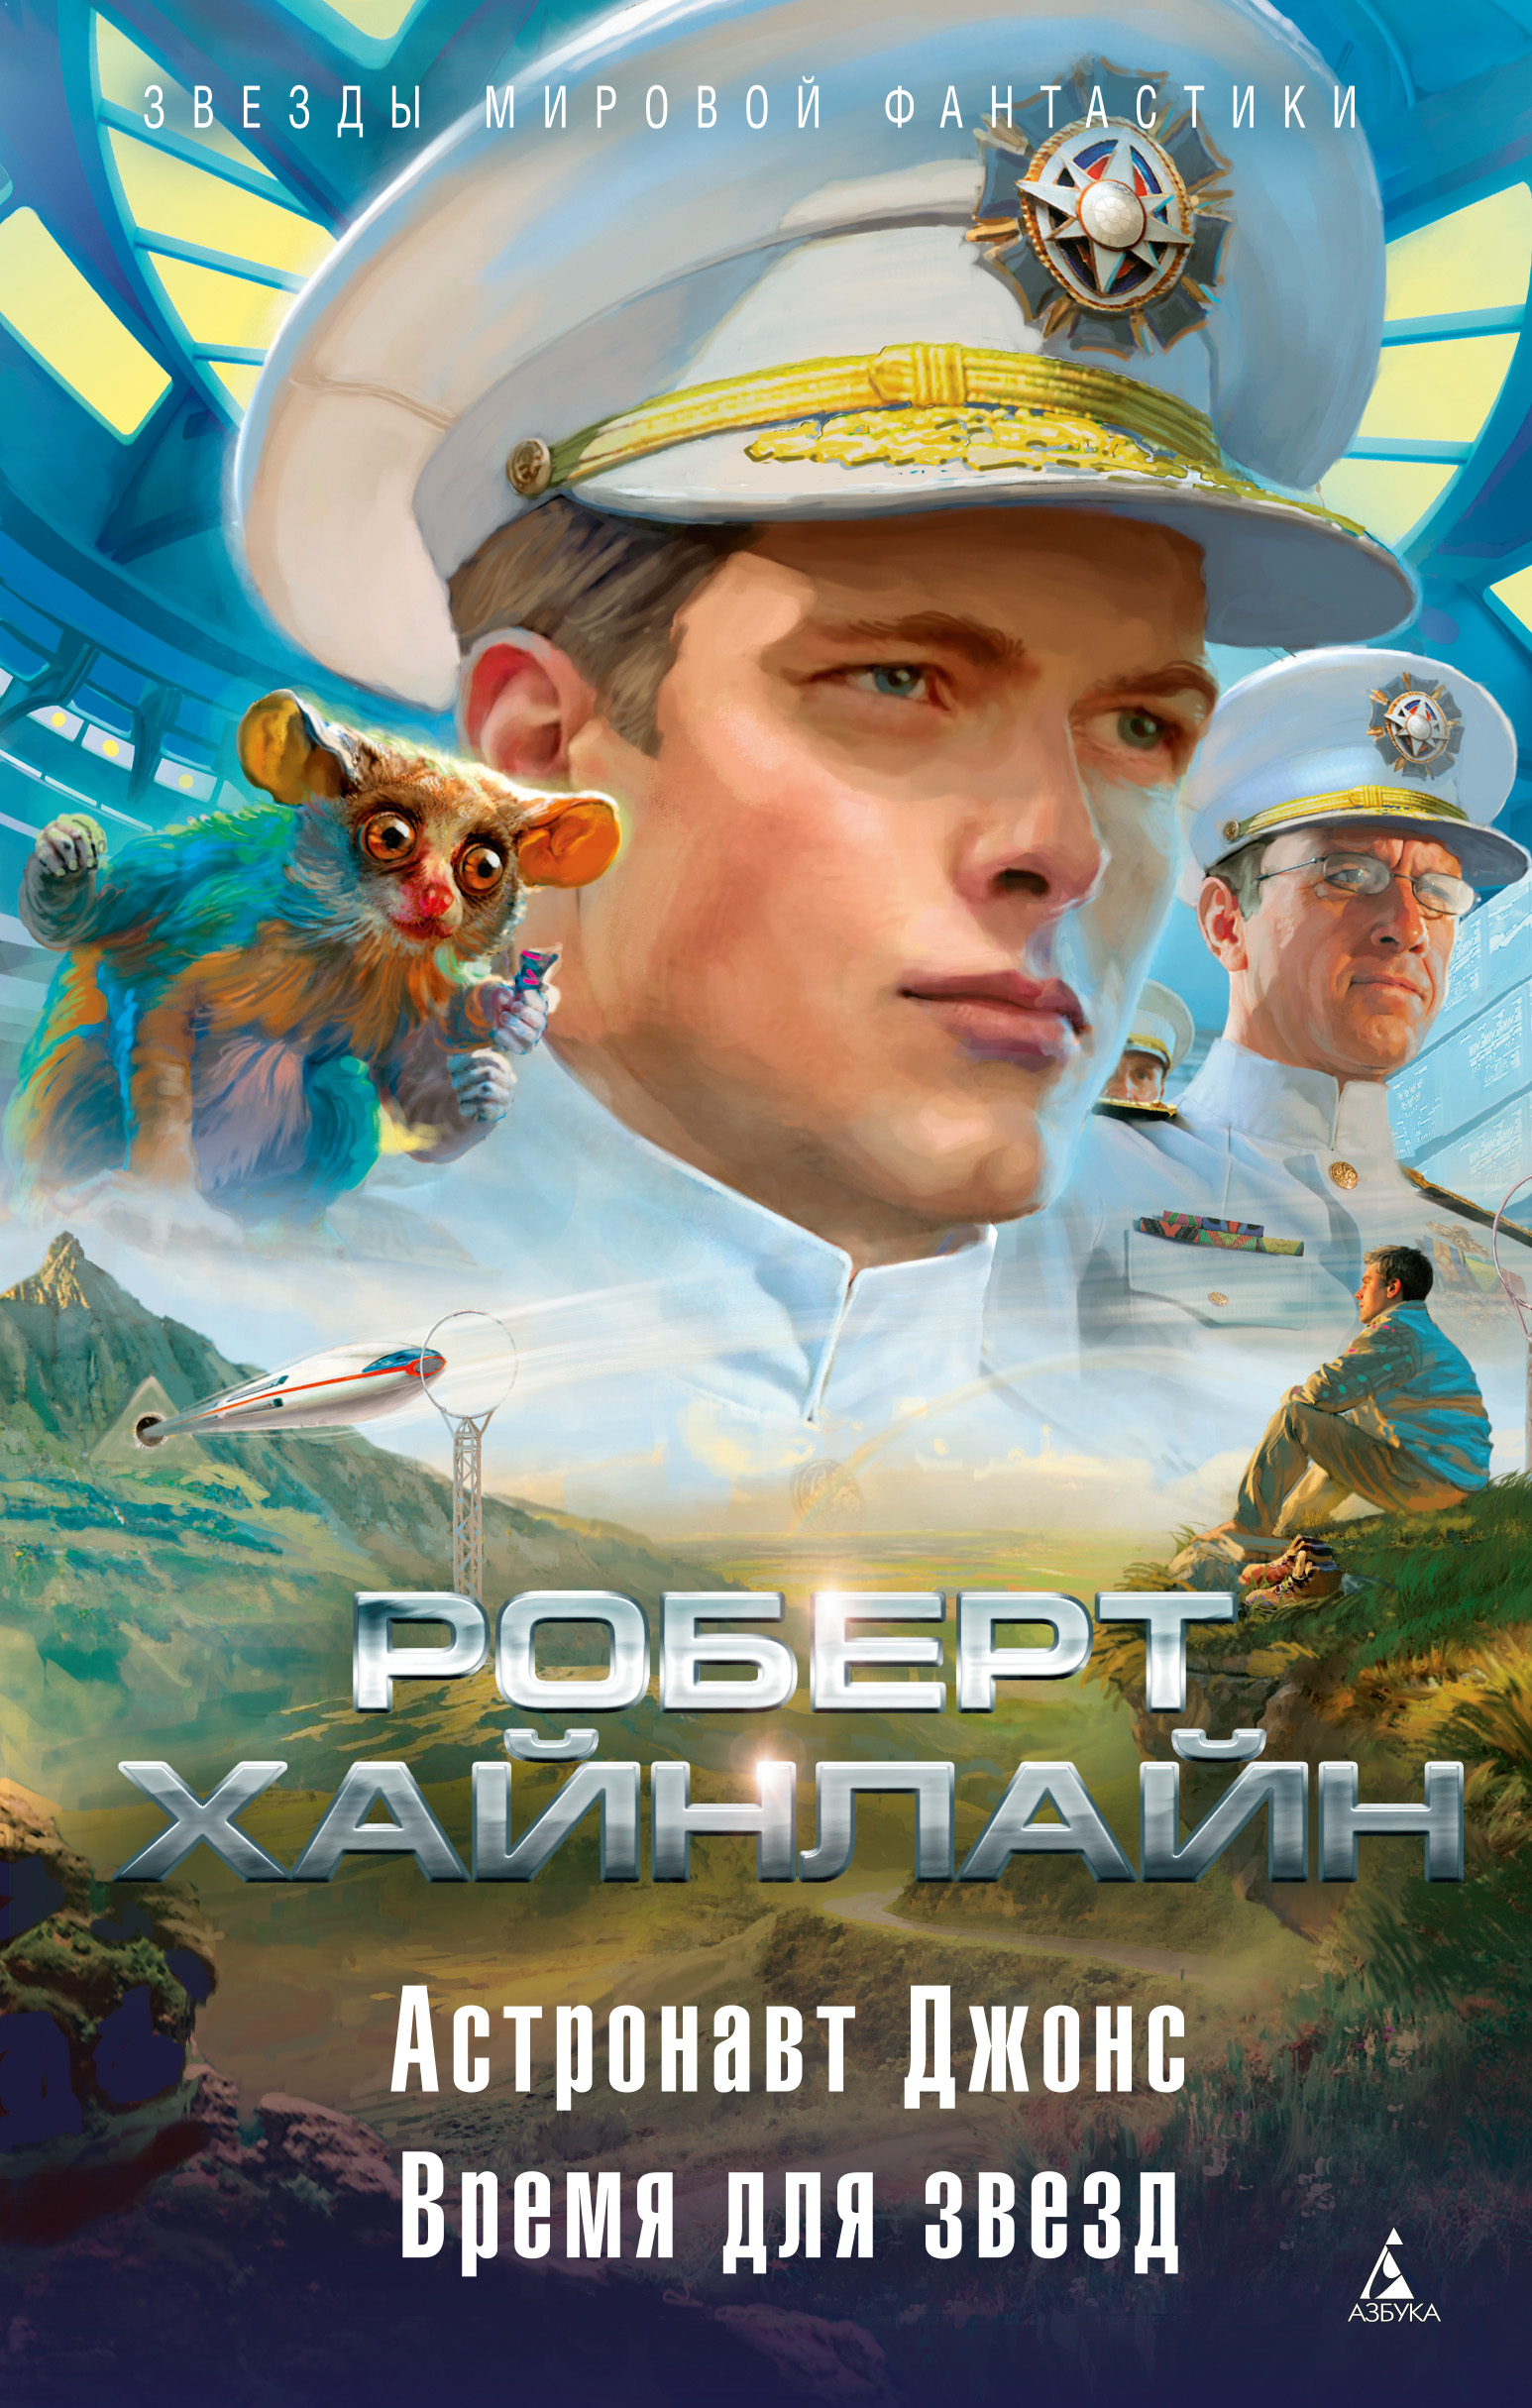 Роберт Хайнлайн Астронавт Джонс. Время для звезд (сборник)